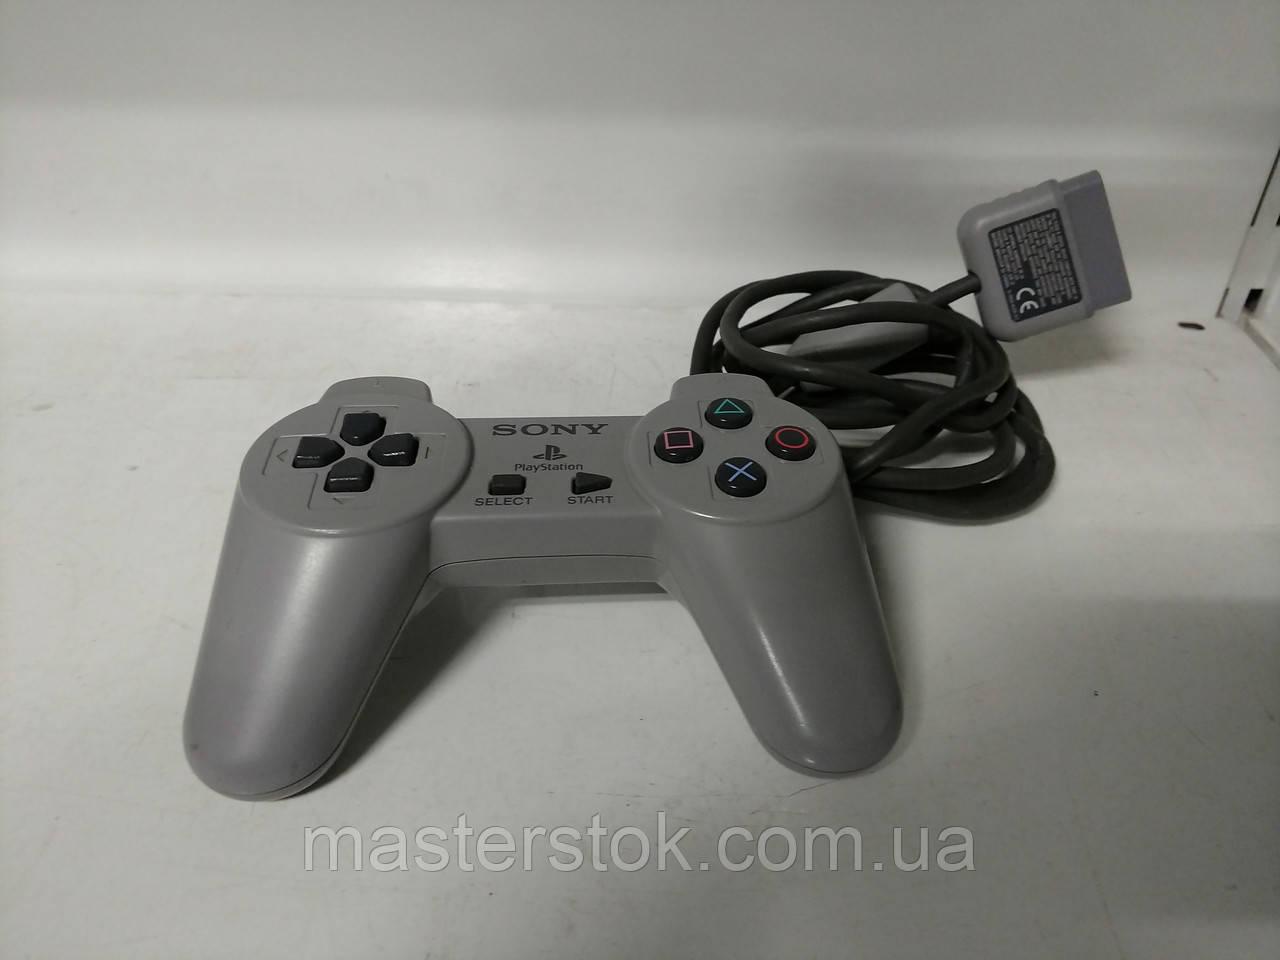 Джойстики Playstation 1(Dualshock 1), оригинал